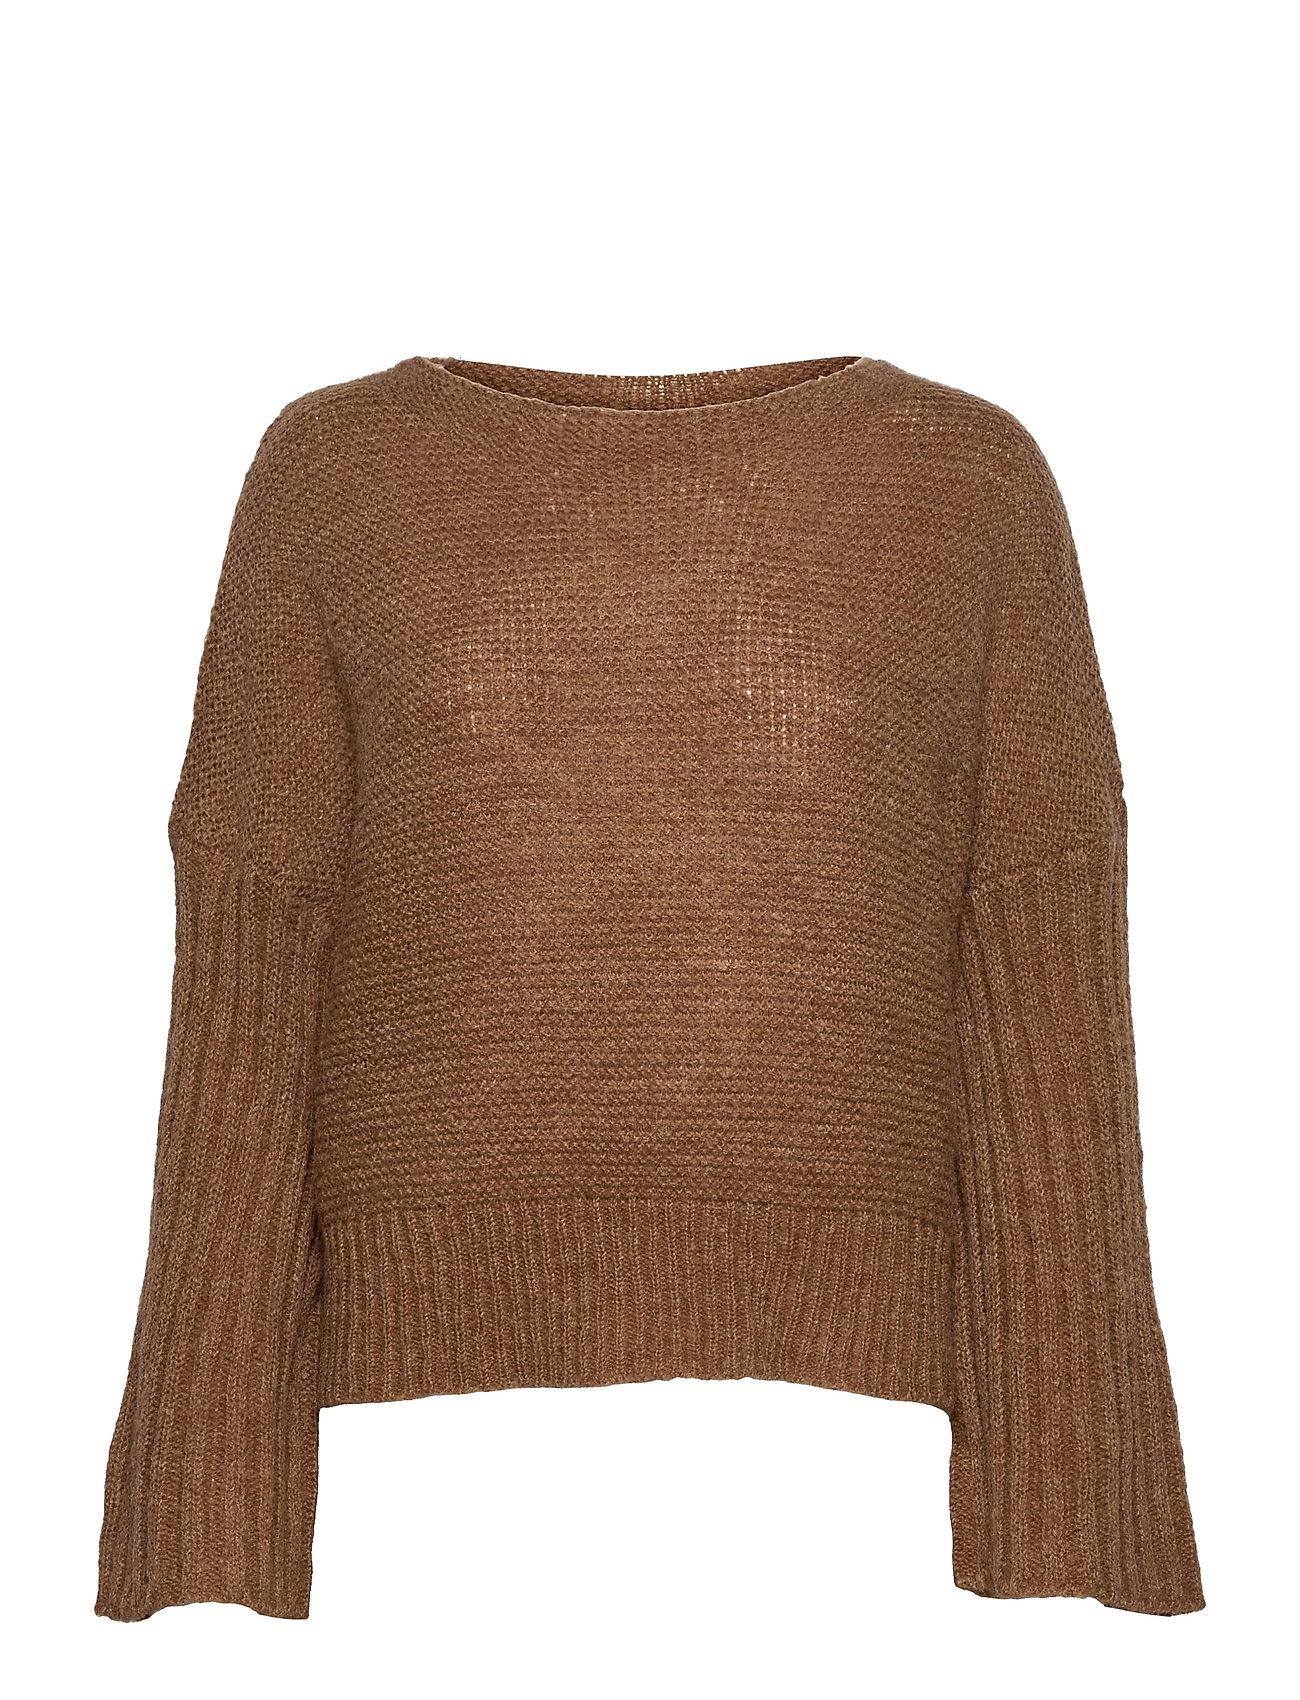 Lnbaya Knit Loose Pullover Strikket Trøje Brun Lounge Nine